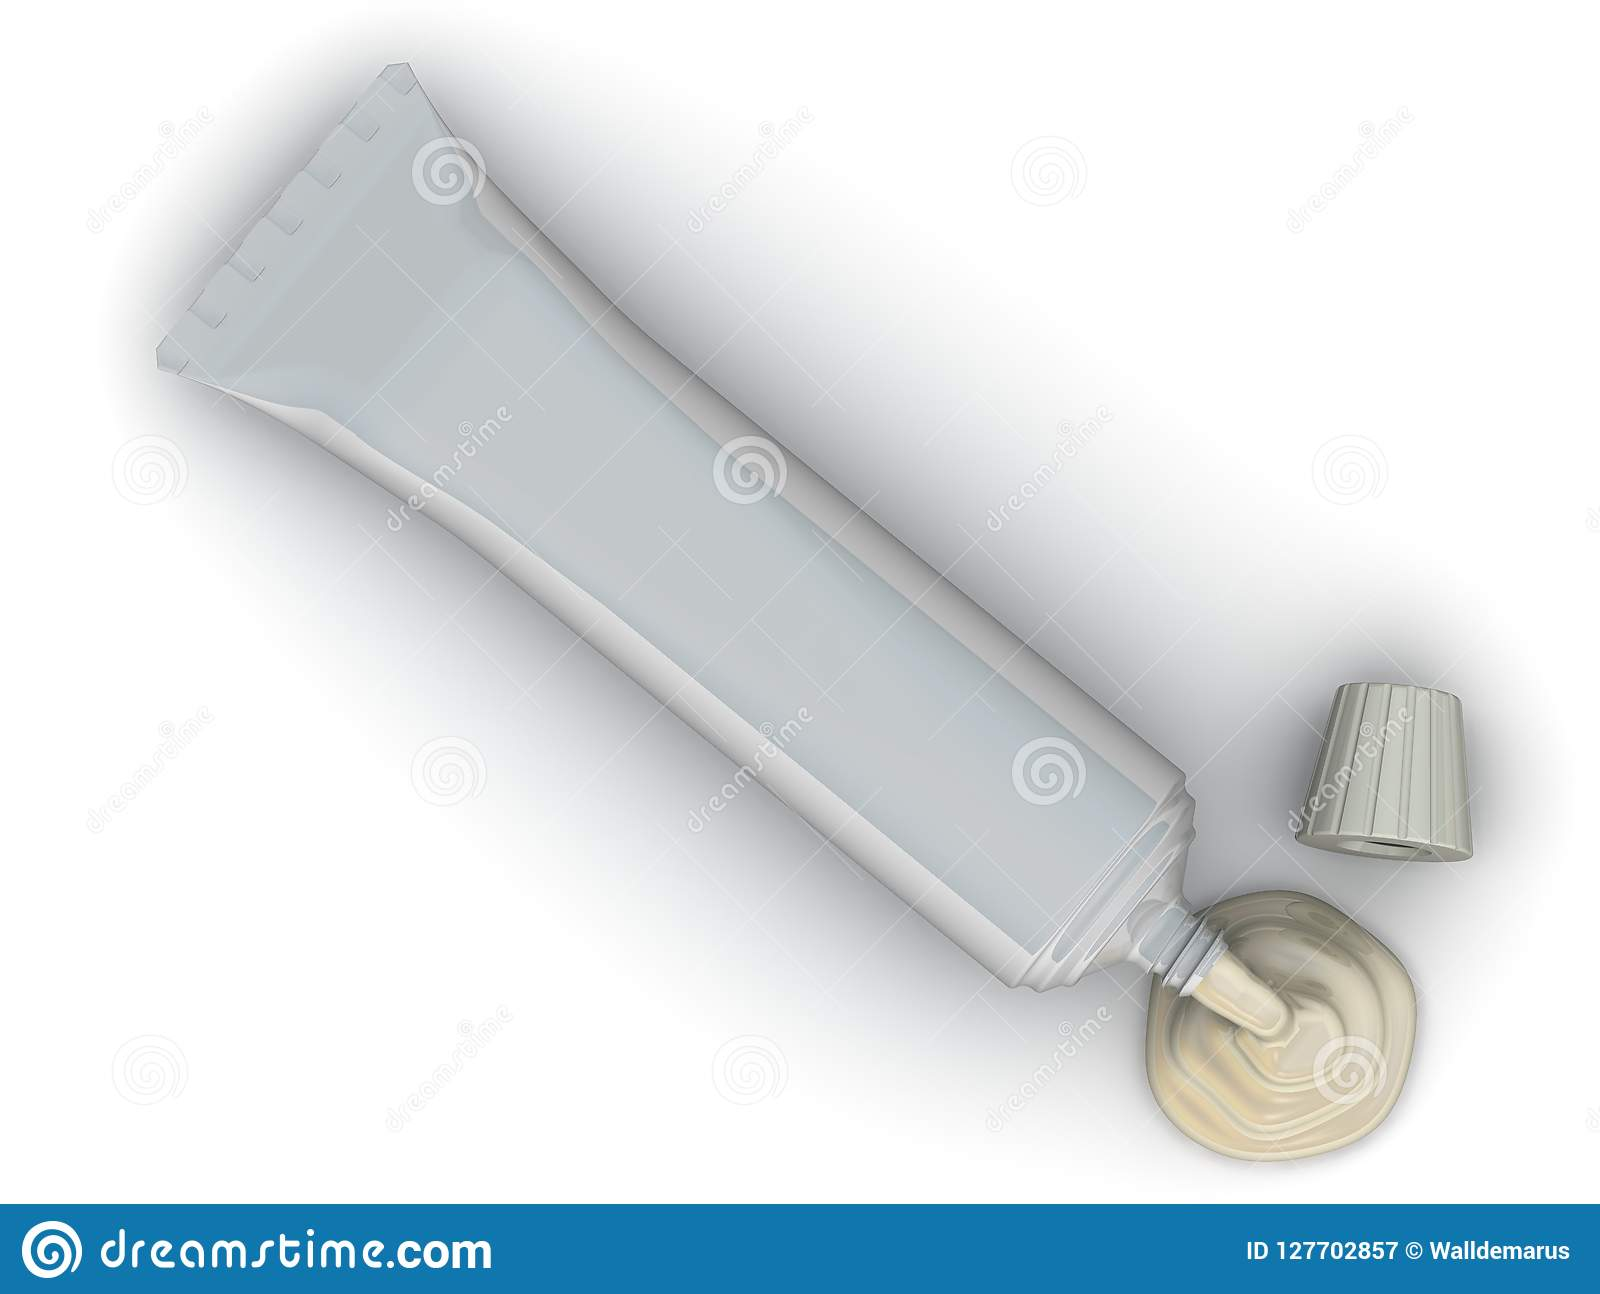 Apra il tubo con crema